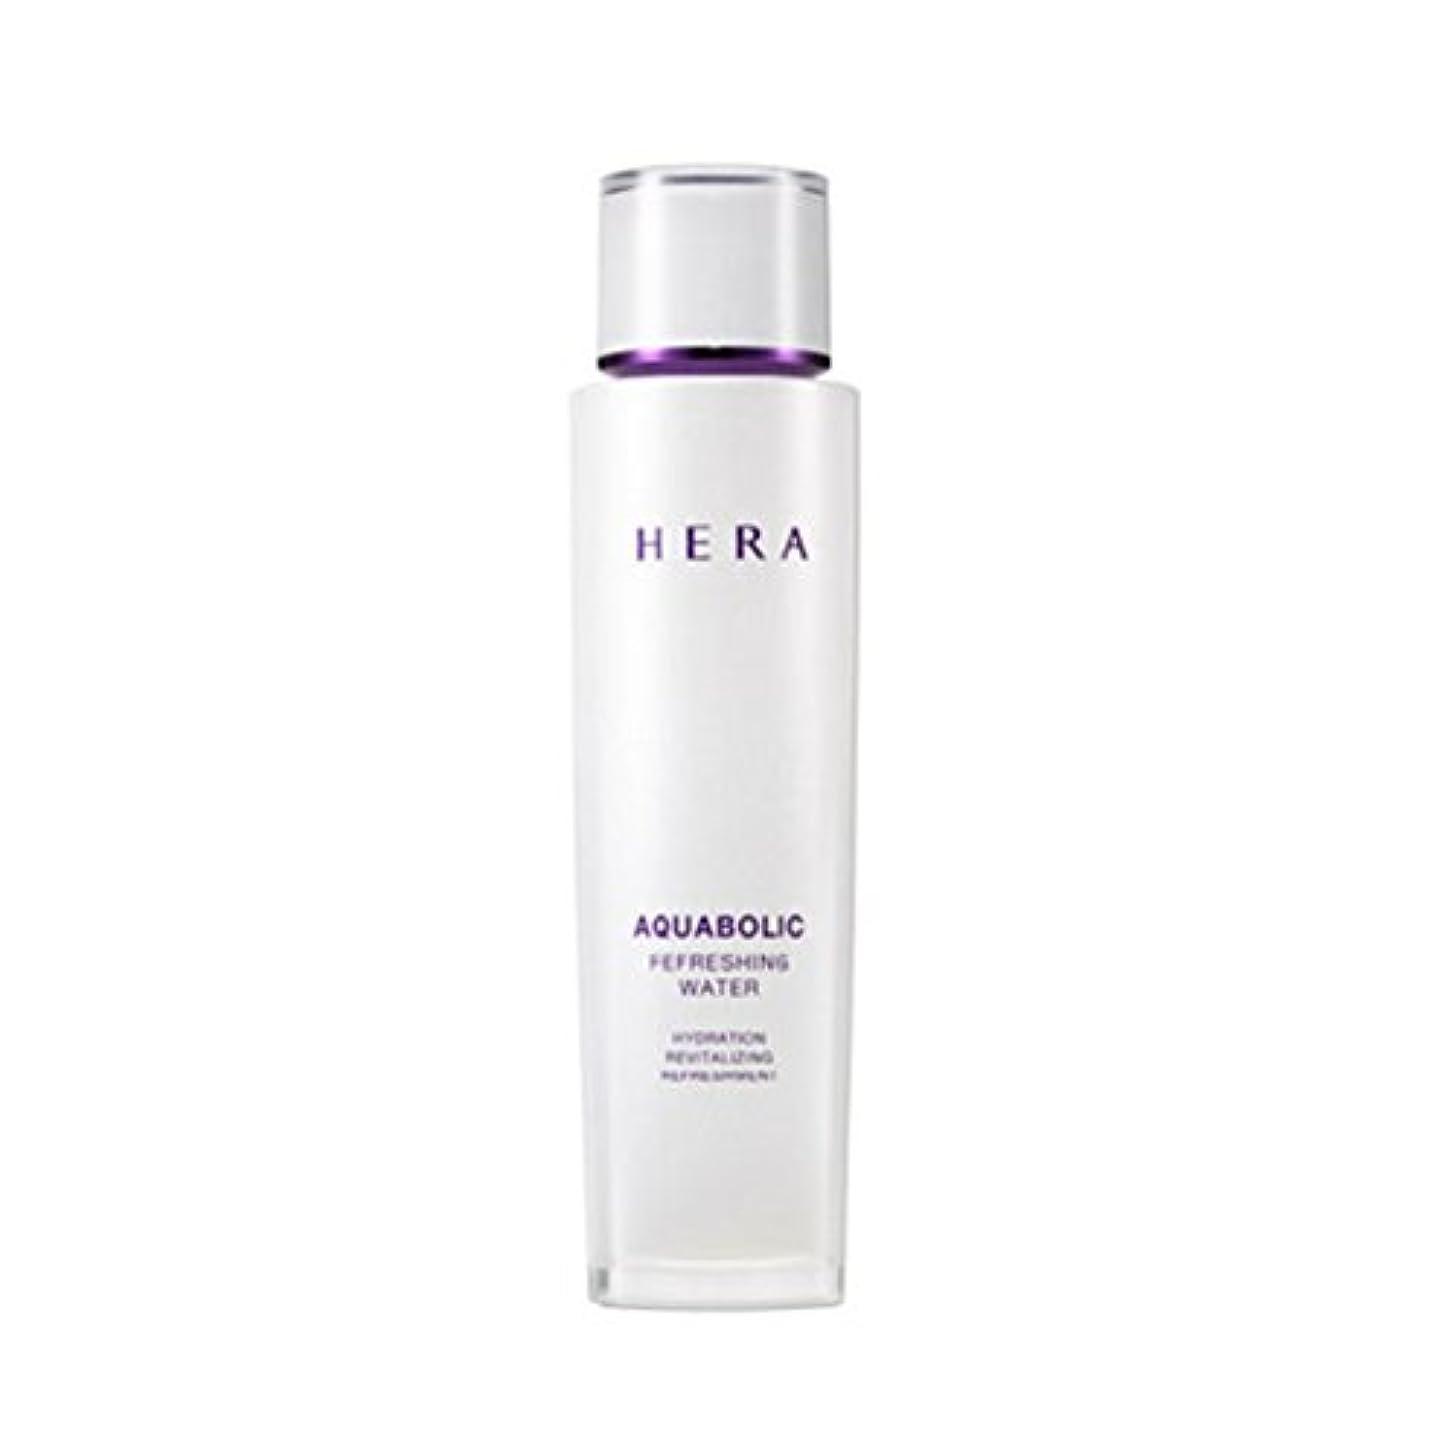 間違いなくローズストライド(ヘラ) HERA Aquabolic Refreshing Water アクアボリックリフレッシュウォーター (韓国直発送) oopspanda